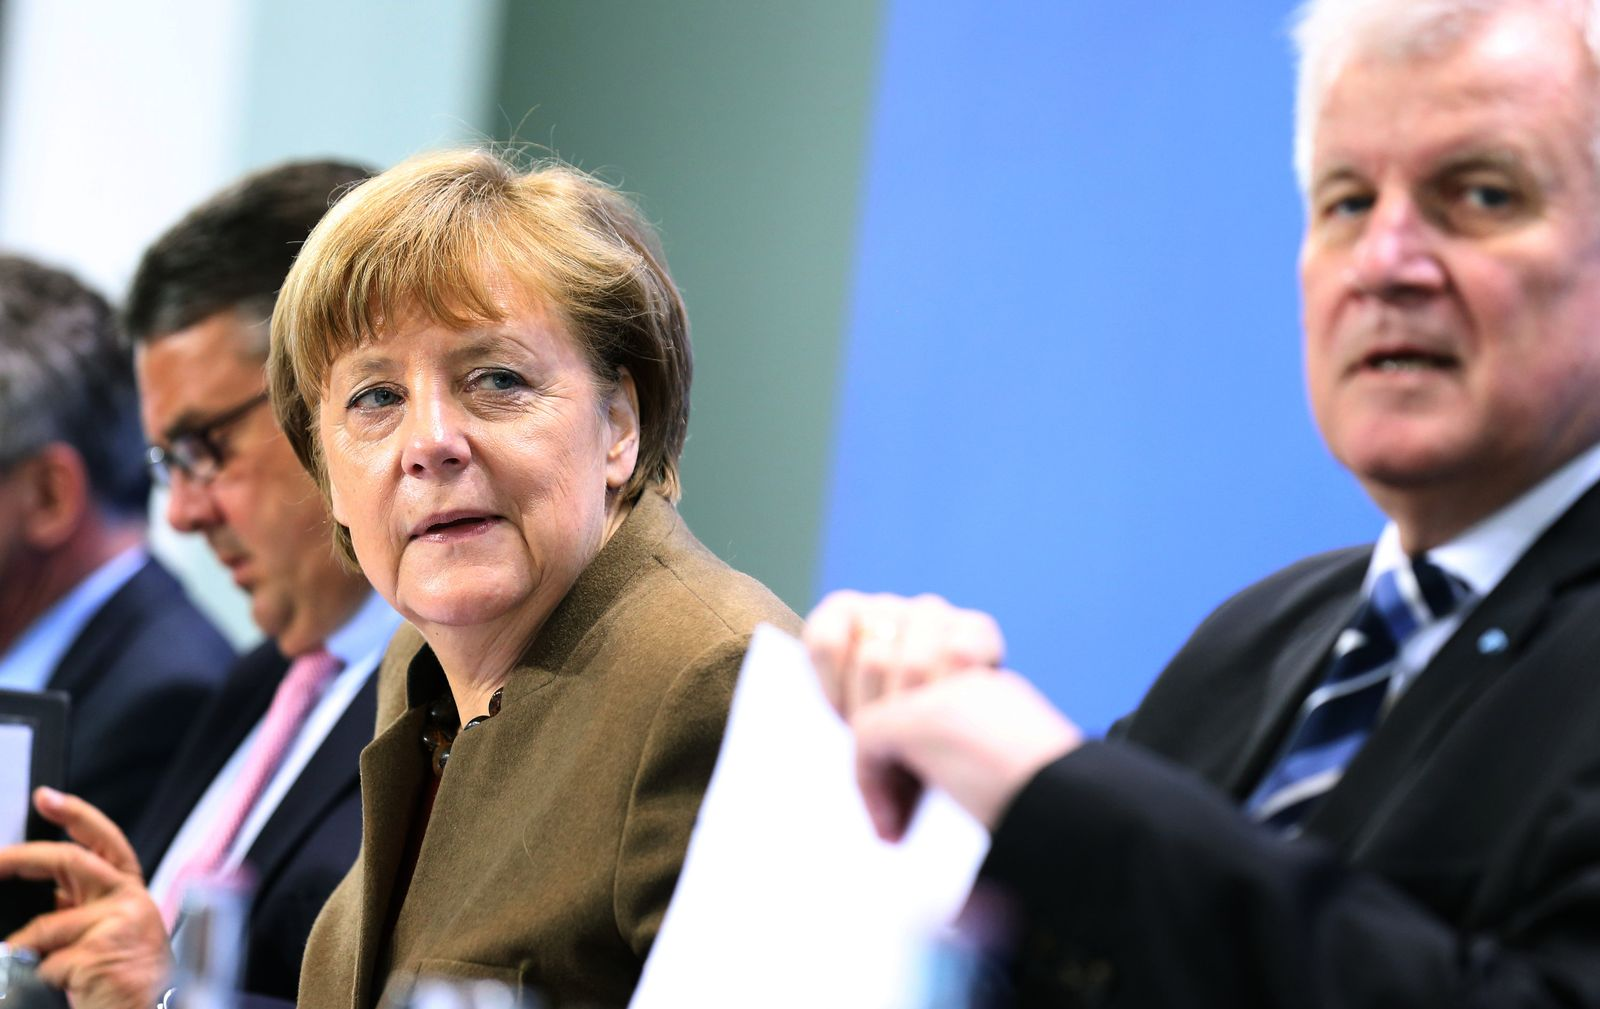 VIDEOTEASER Koalition einigt sich - Integrationsgesetz und Anti-Terror-Paket